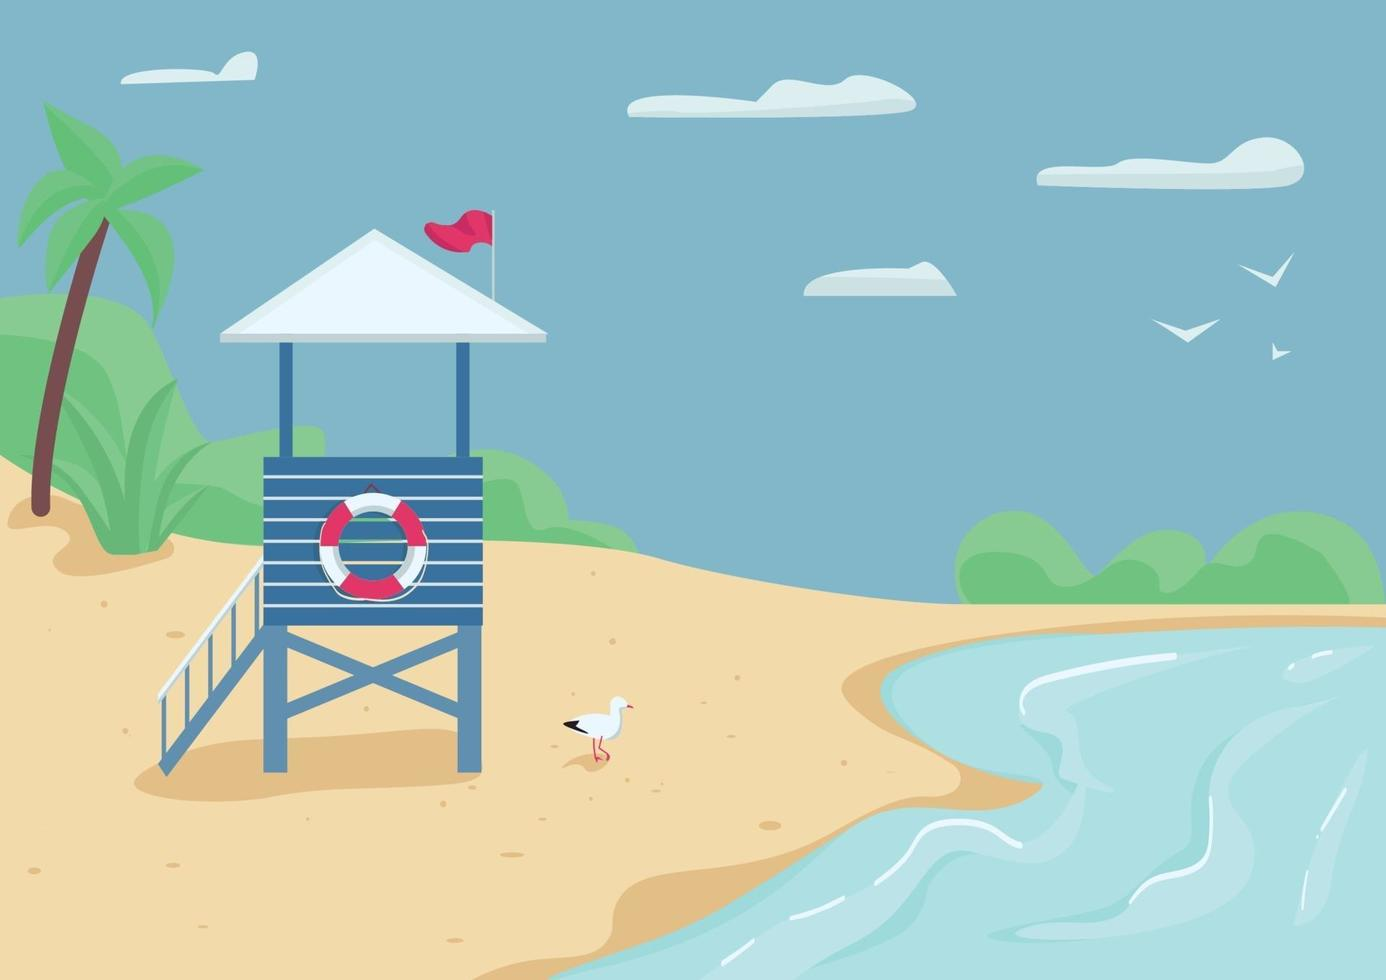 badvakt torn på sandstrand platt färg vektorillustration. räddare byggnad, simning säkerhet. livvakt stå på stranden 2d tecknade landskap med vatten och blå himmel på bakgrunden vektor